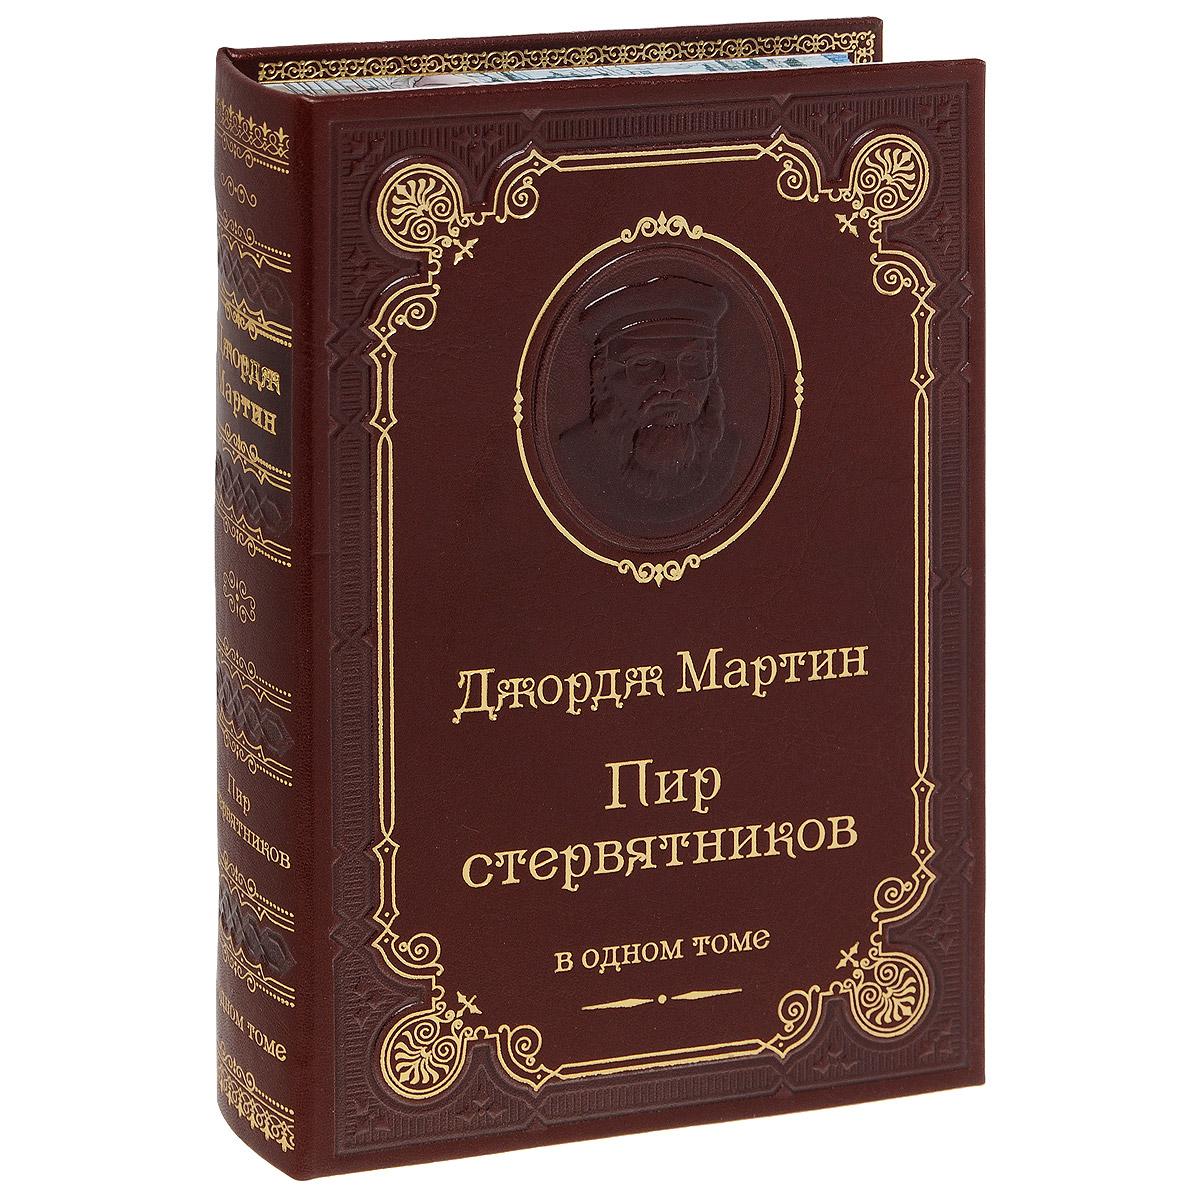 Джордж Мартин Пир стервятников (подарочное издание)